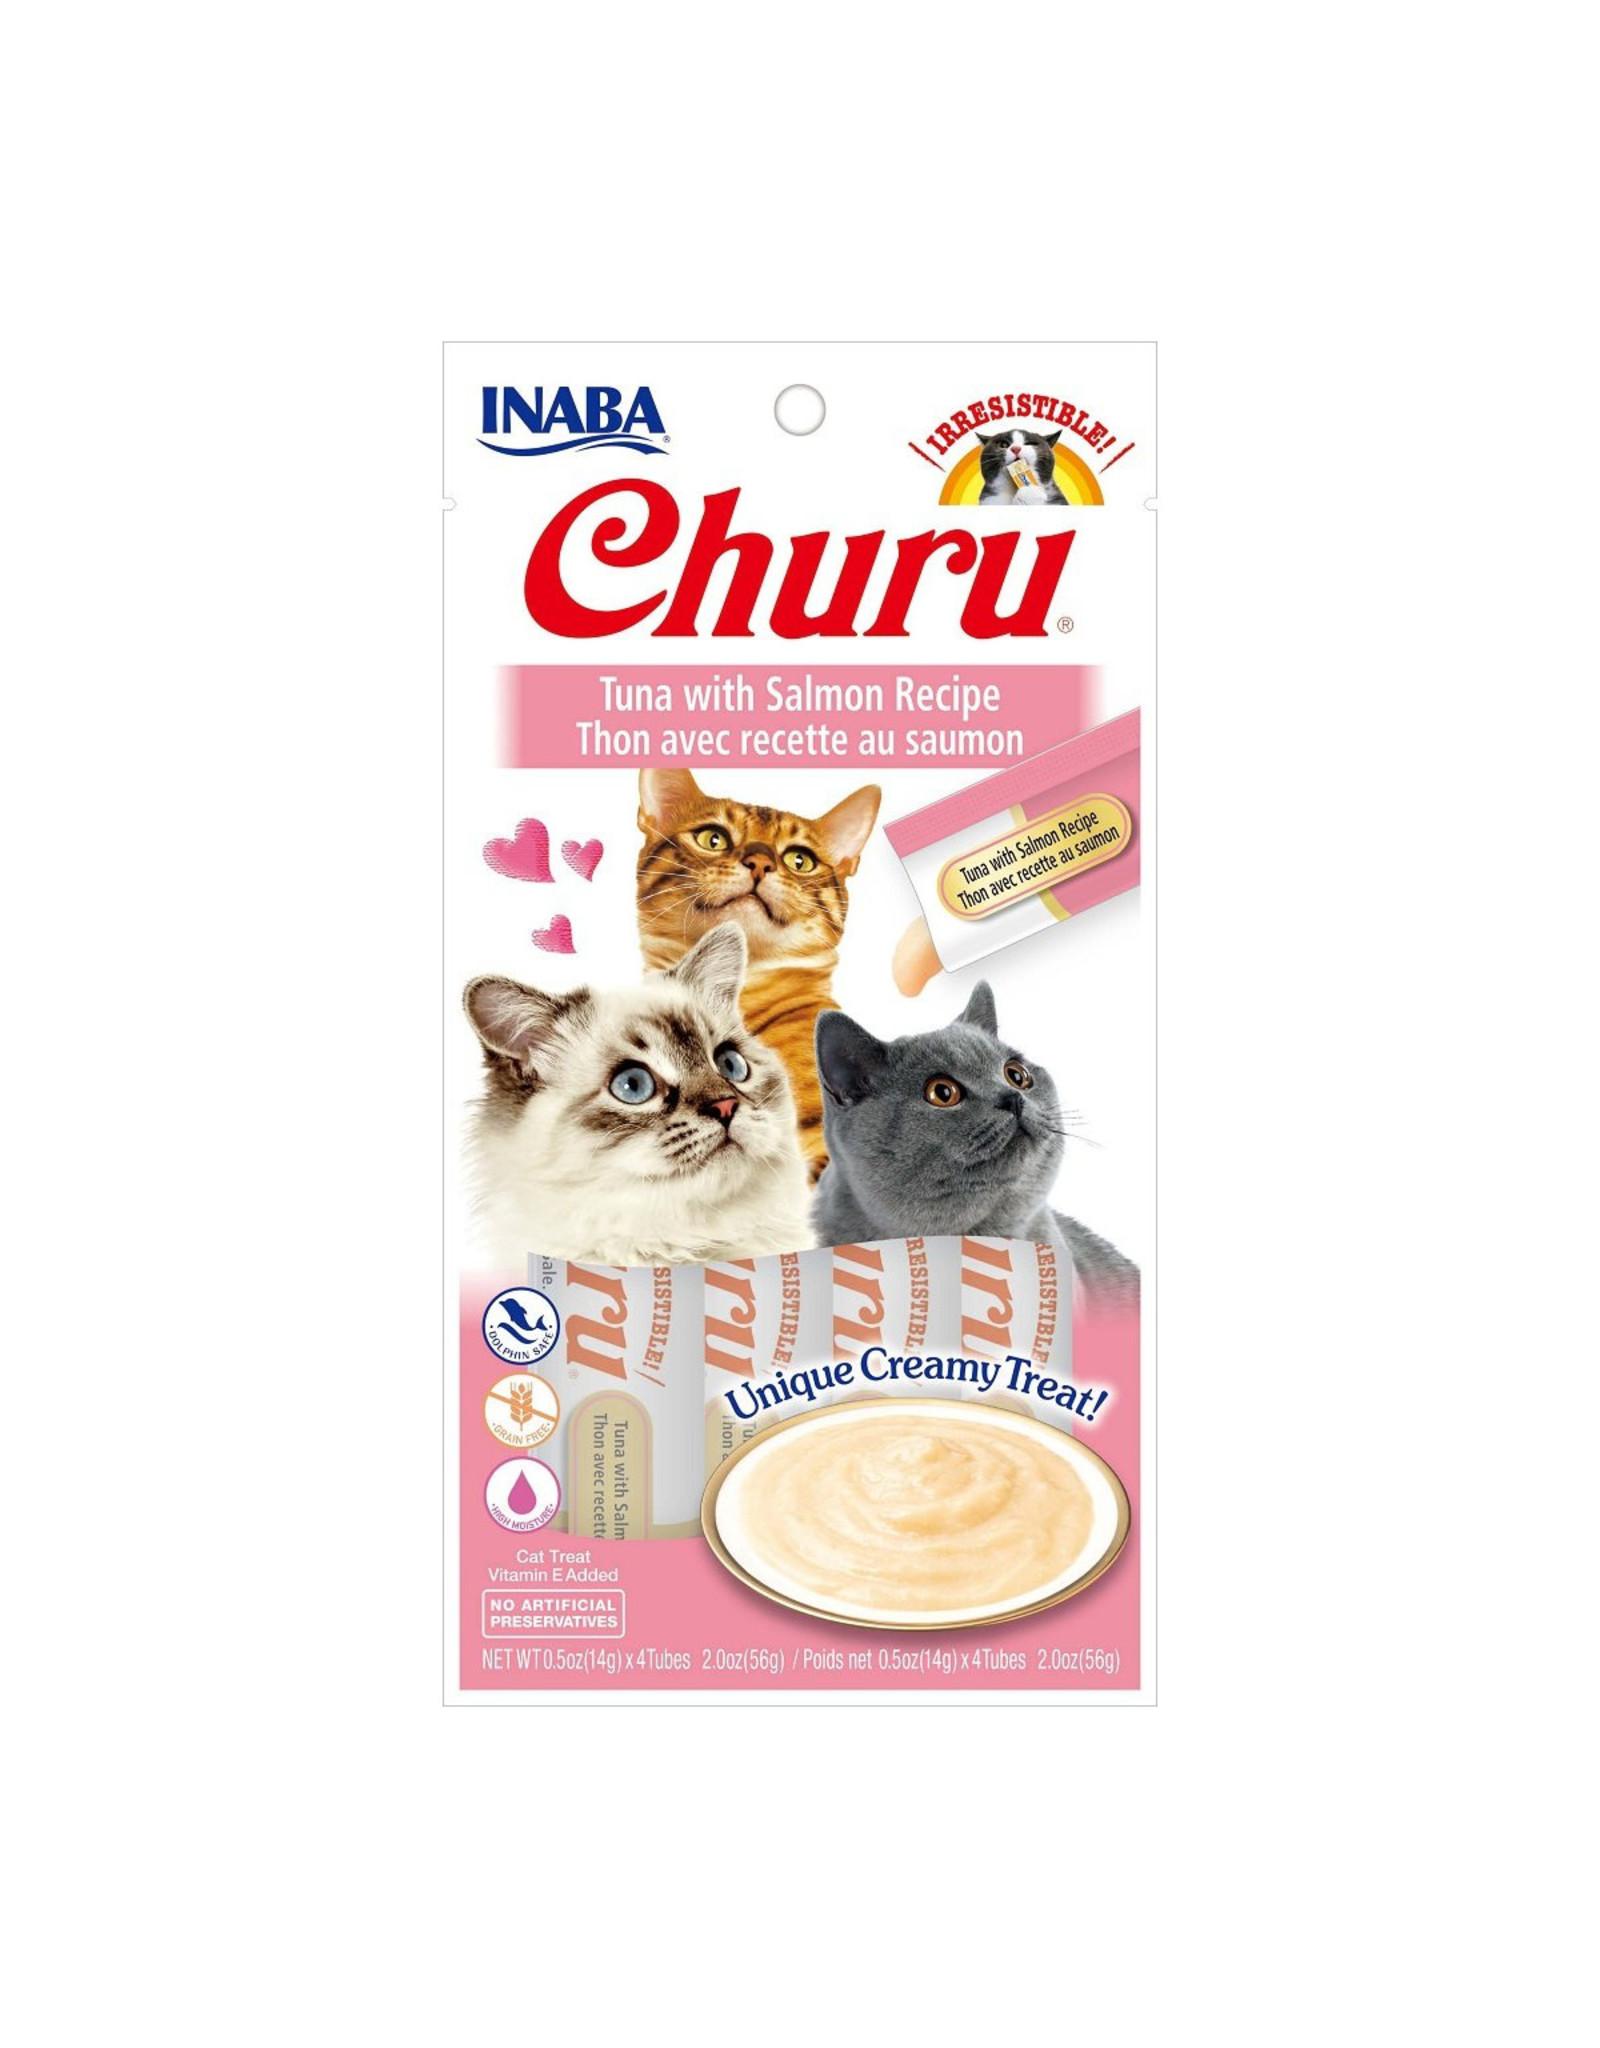 Inaba Inaba Churu Purees Tuna w/ Salmon 4 tube pack